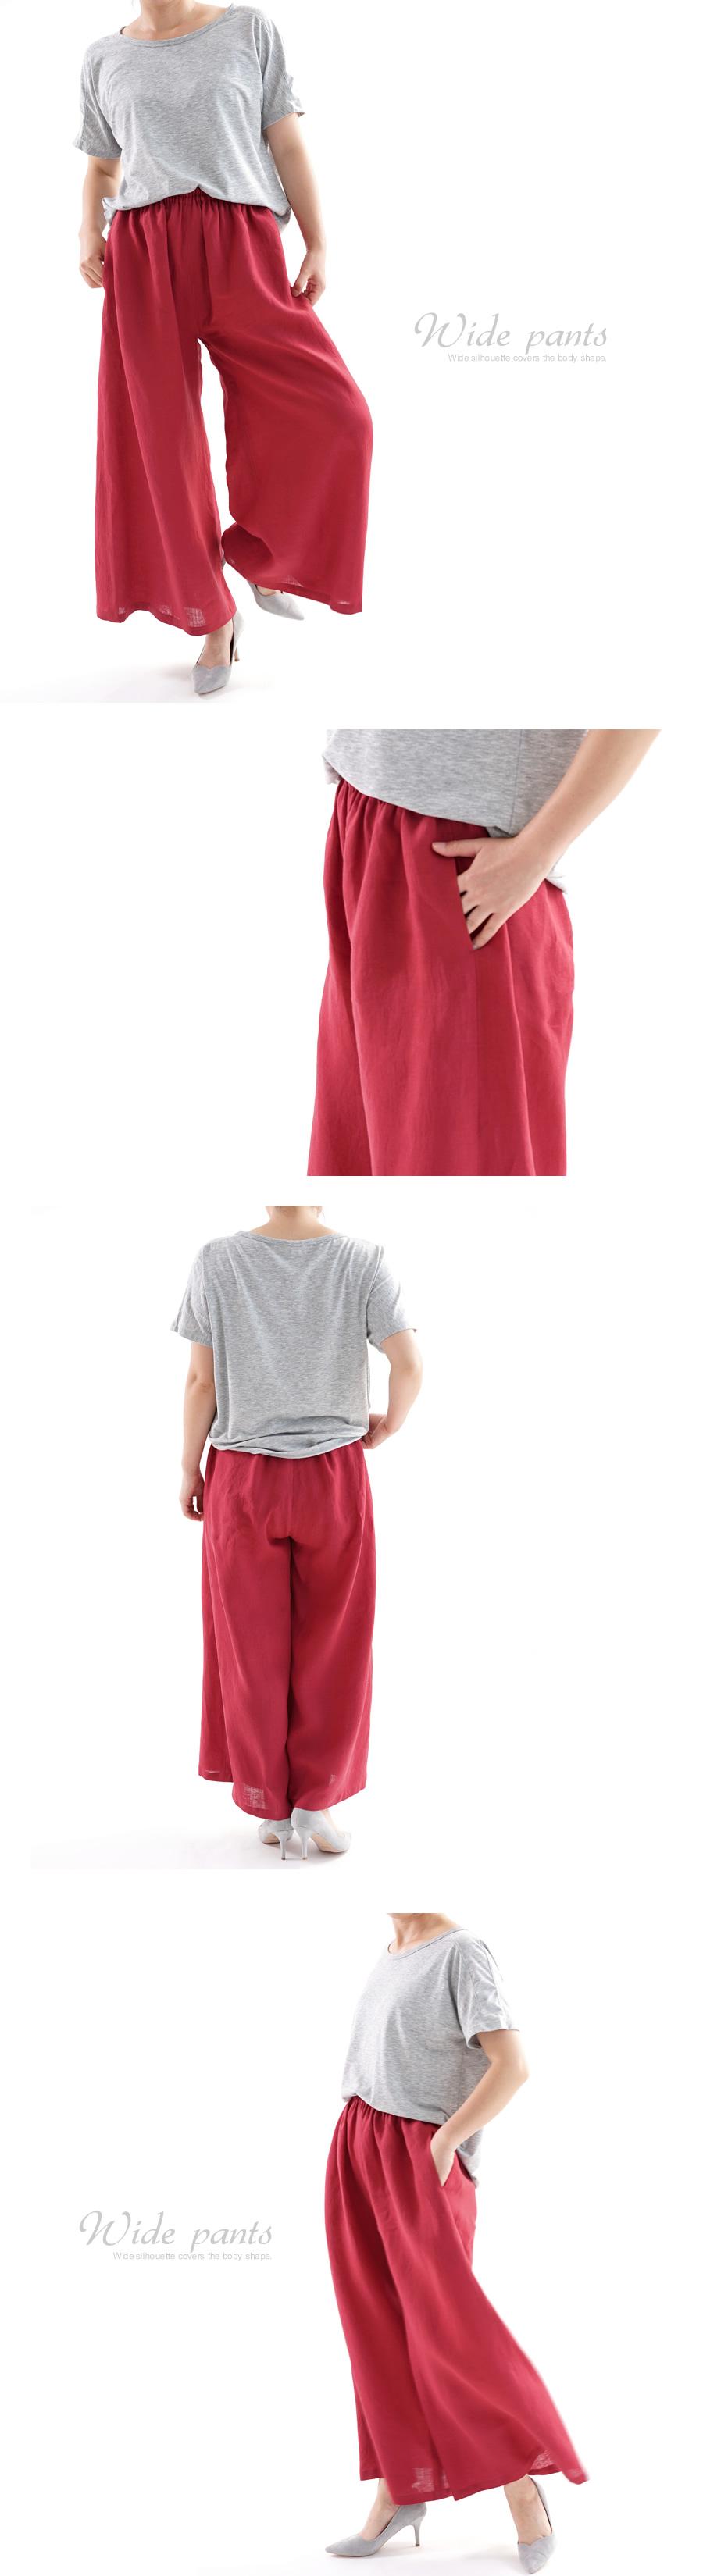 マキシ丈 雅亜麻リネン ワイドリラックスパンツ・ ウエストゴム・ベルトループ・ポケット付/紅色